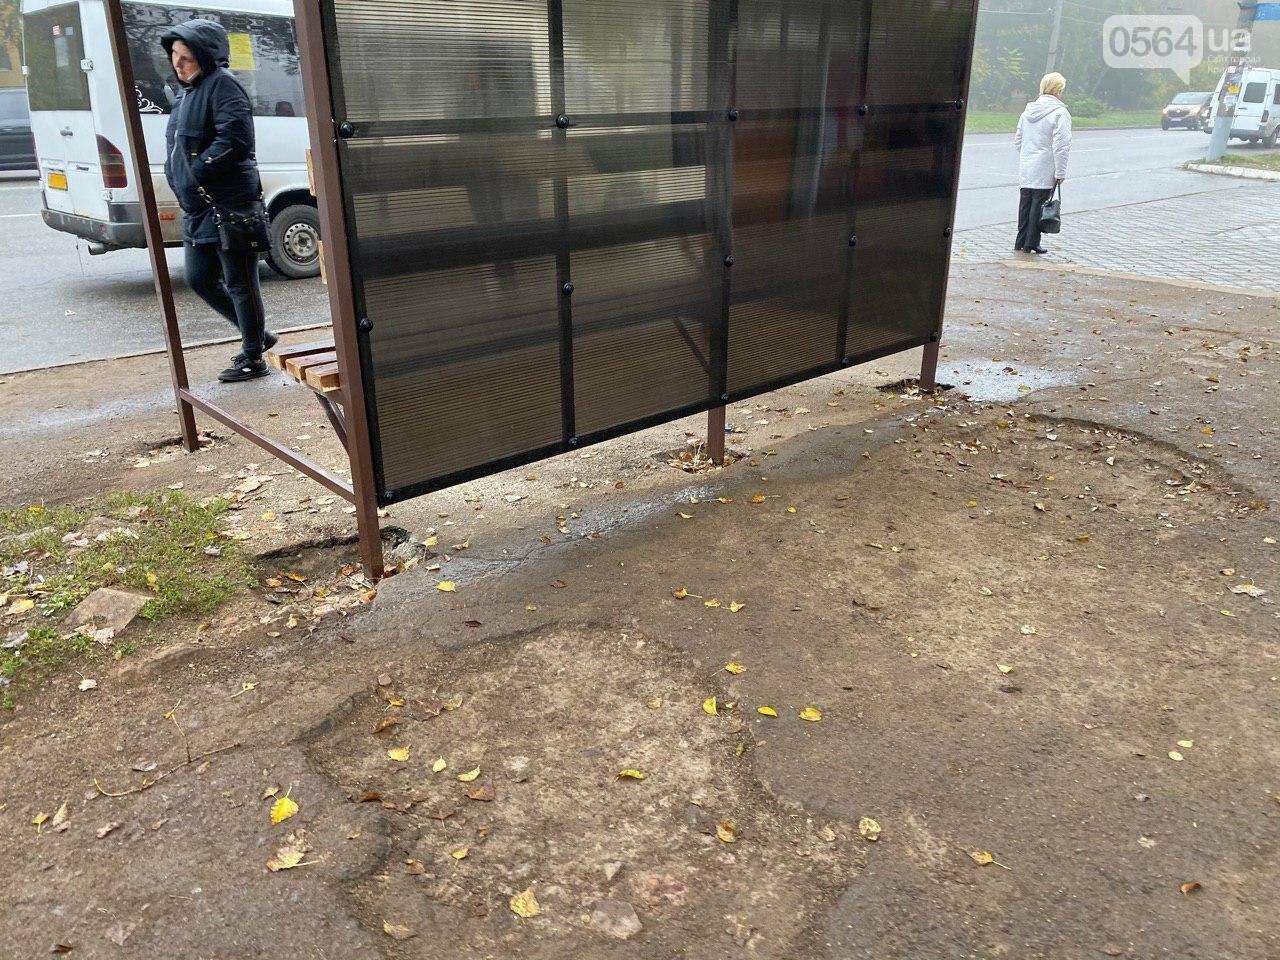 В Кривом Роге предприниматель помогла благоустроить остановку общественного транспорта, - ФОТО, фото-8